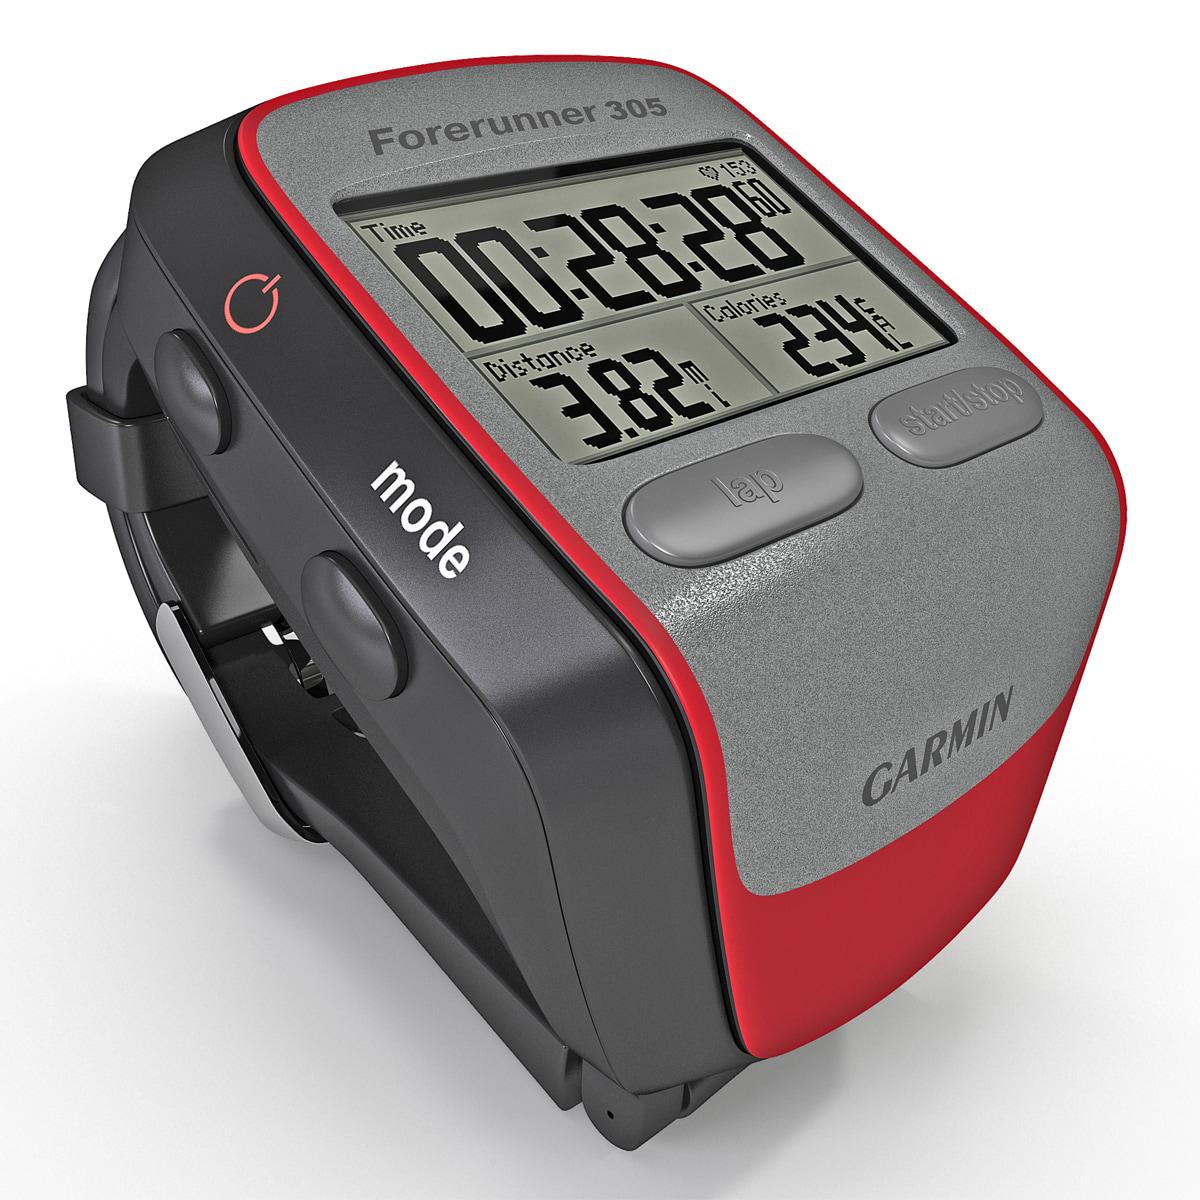 GPS Watch Garmin Forerunner 305_13.jpg